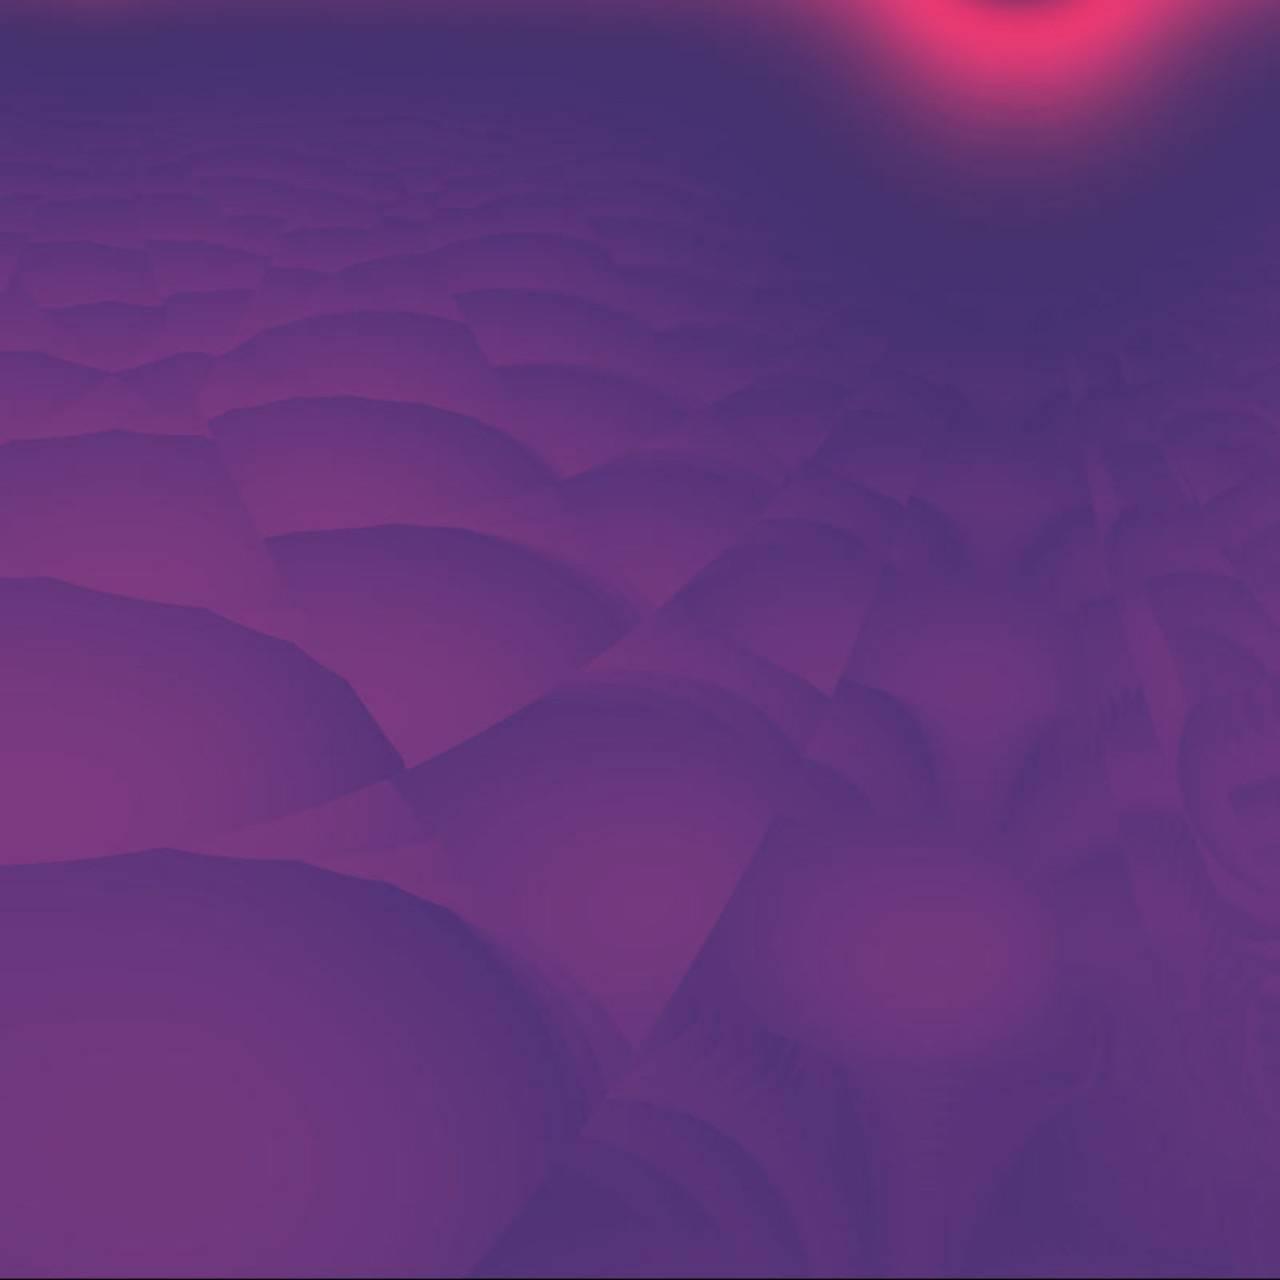 Purple Range